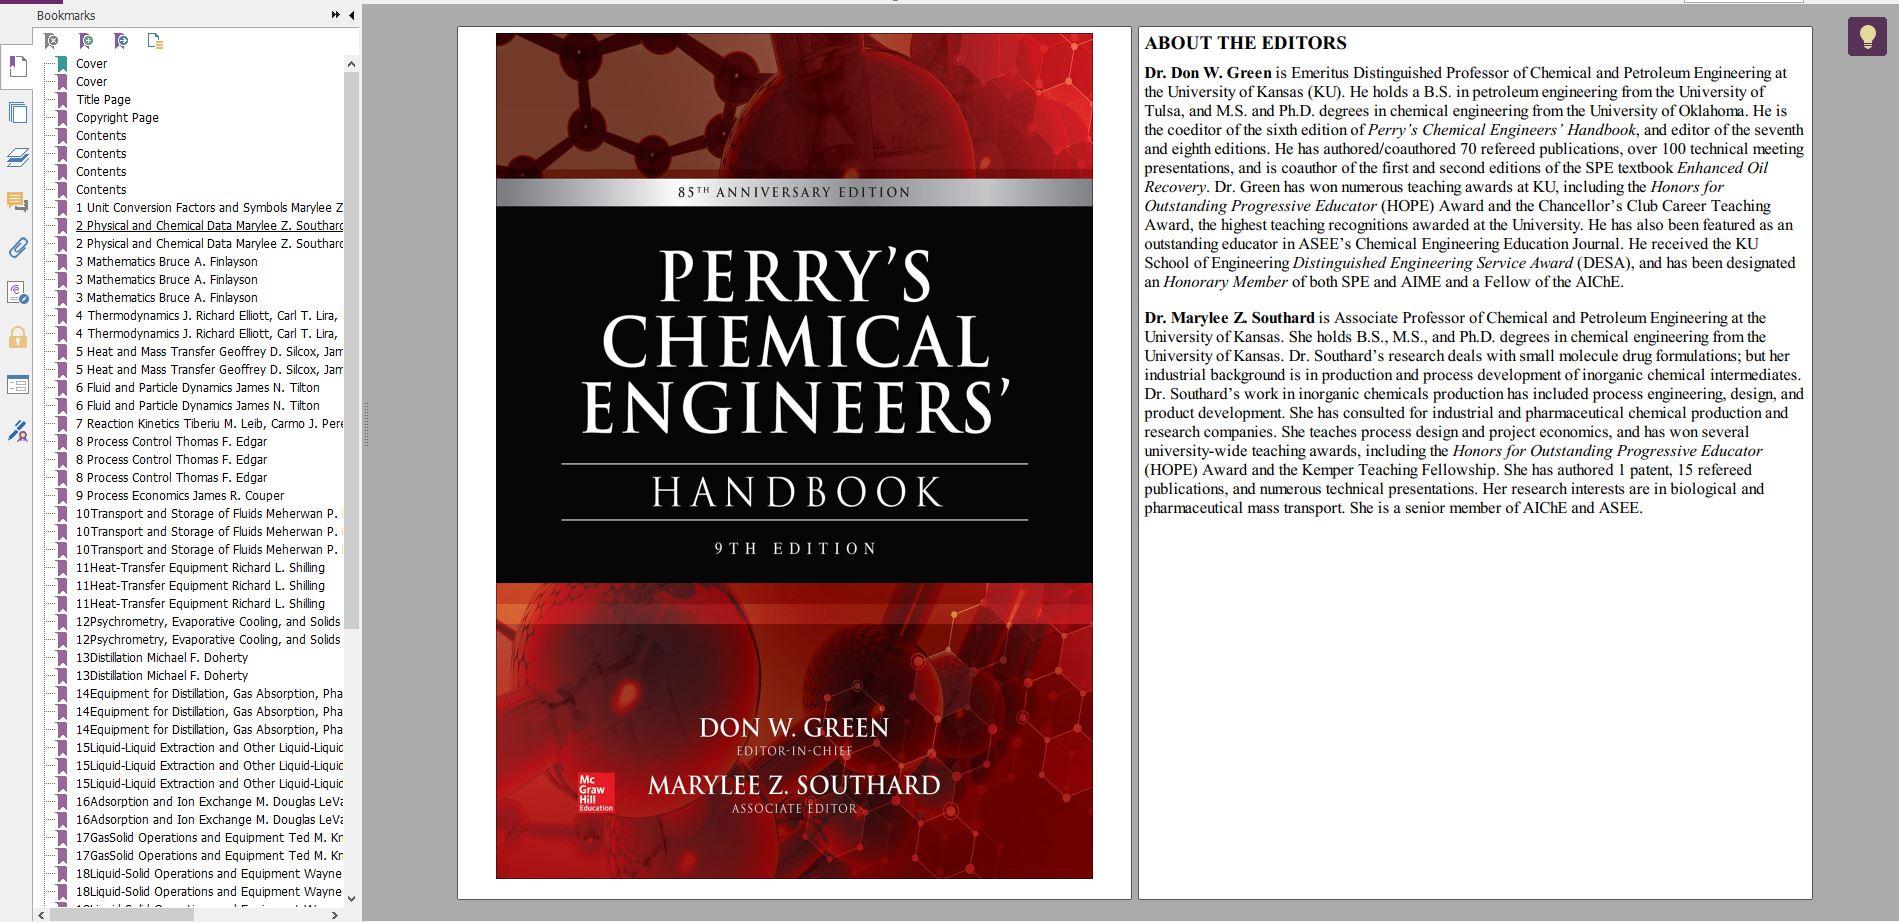 دانلود کتاب هندبوک مهندسی شیمی پری